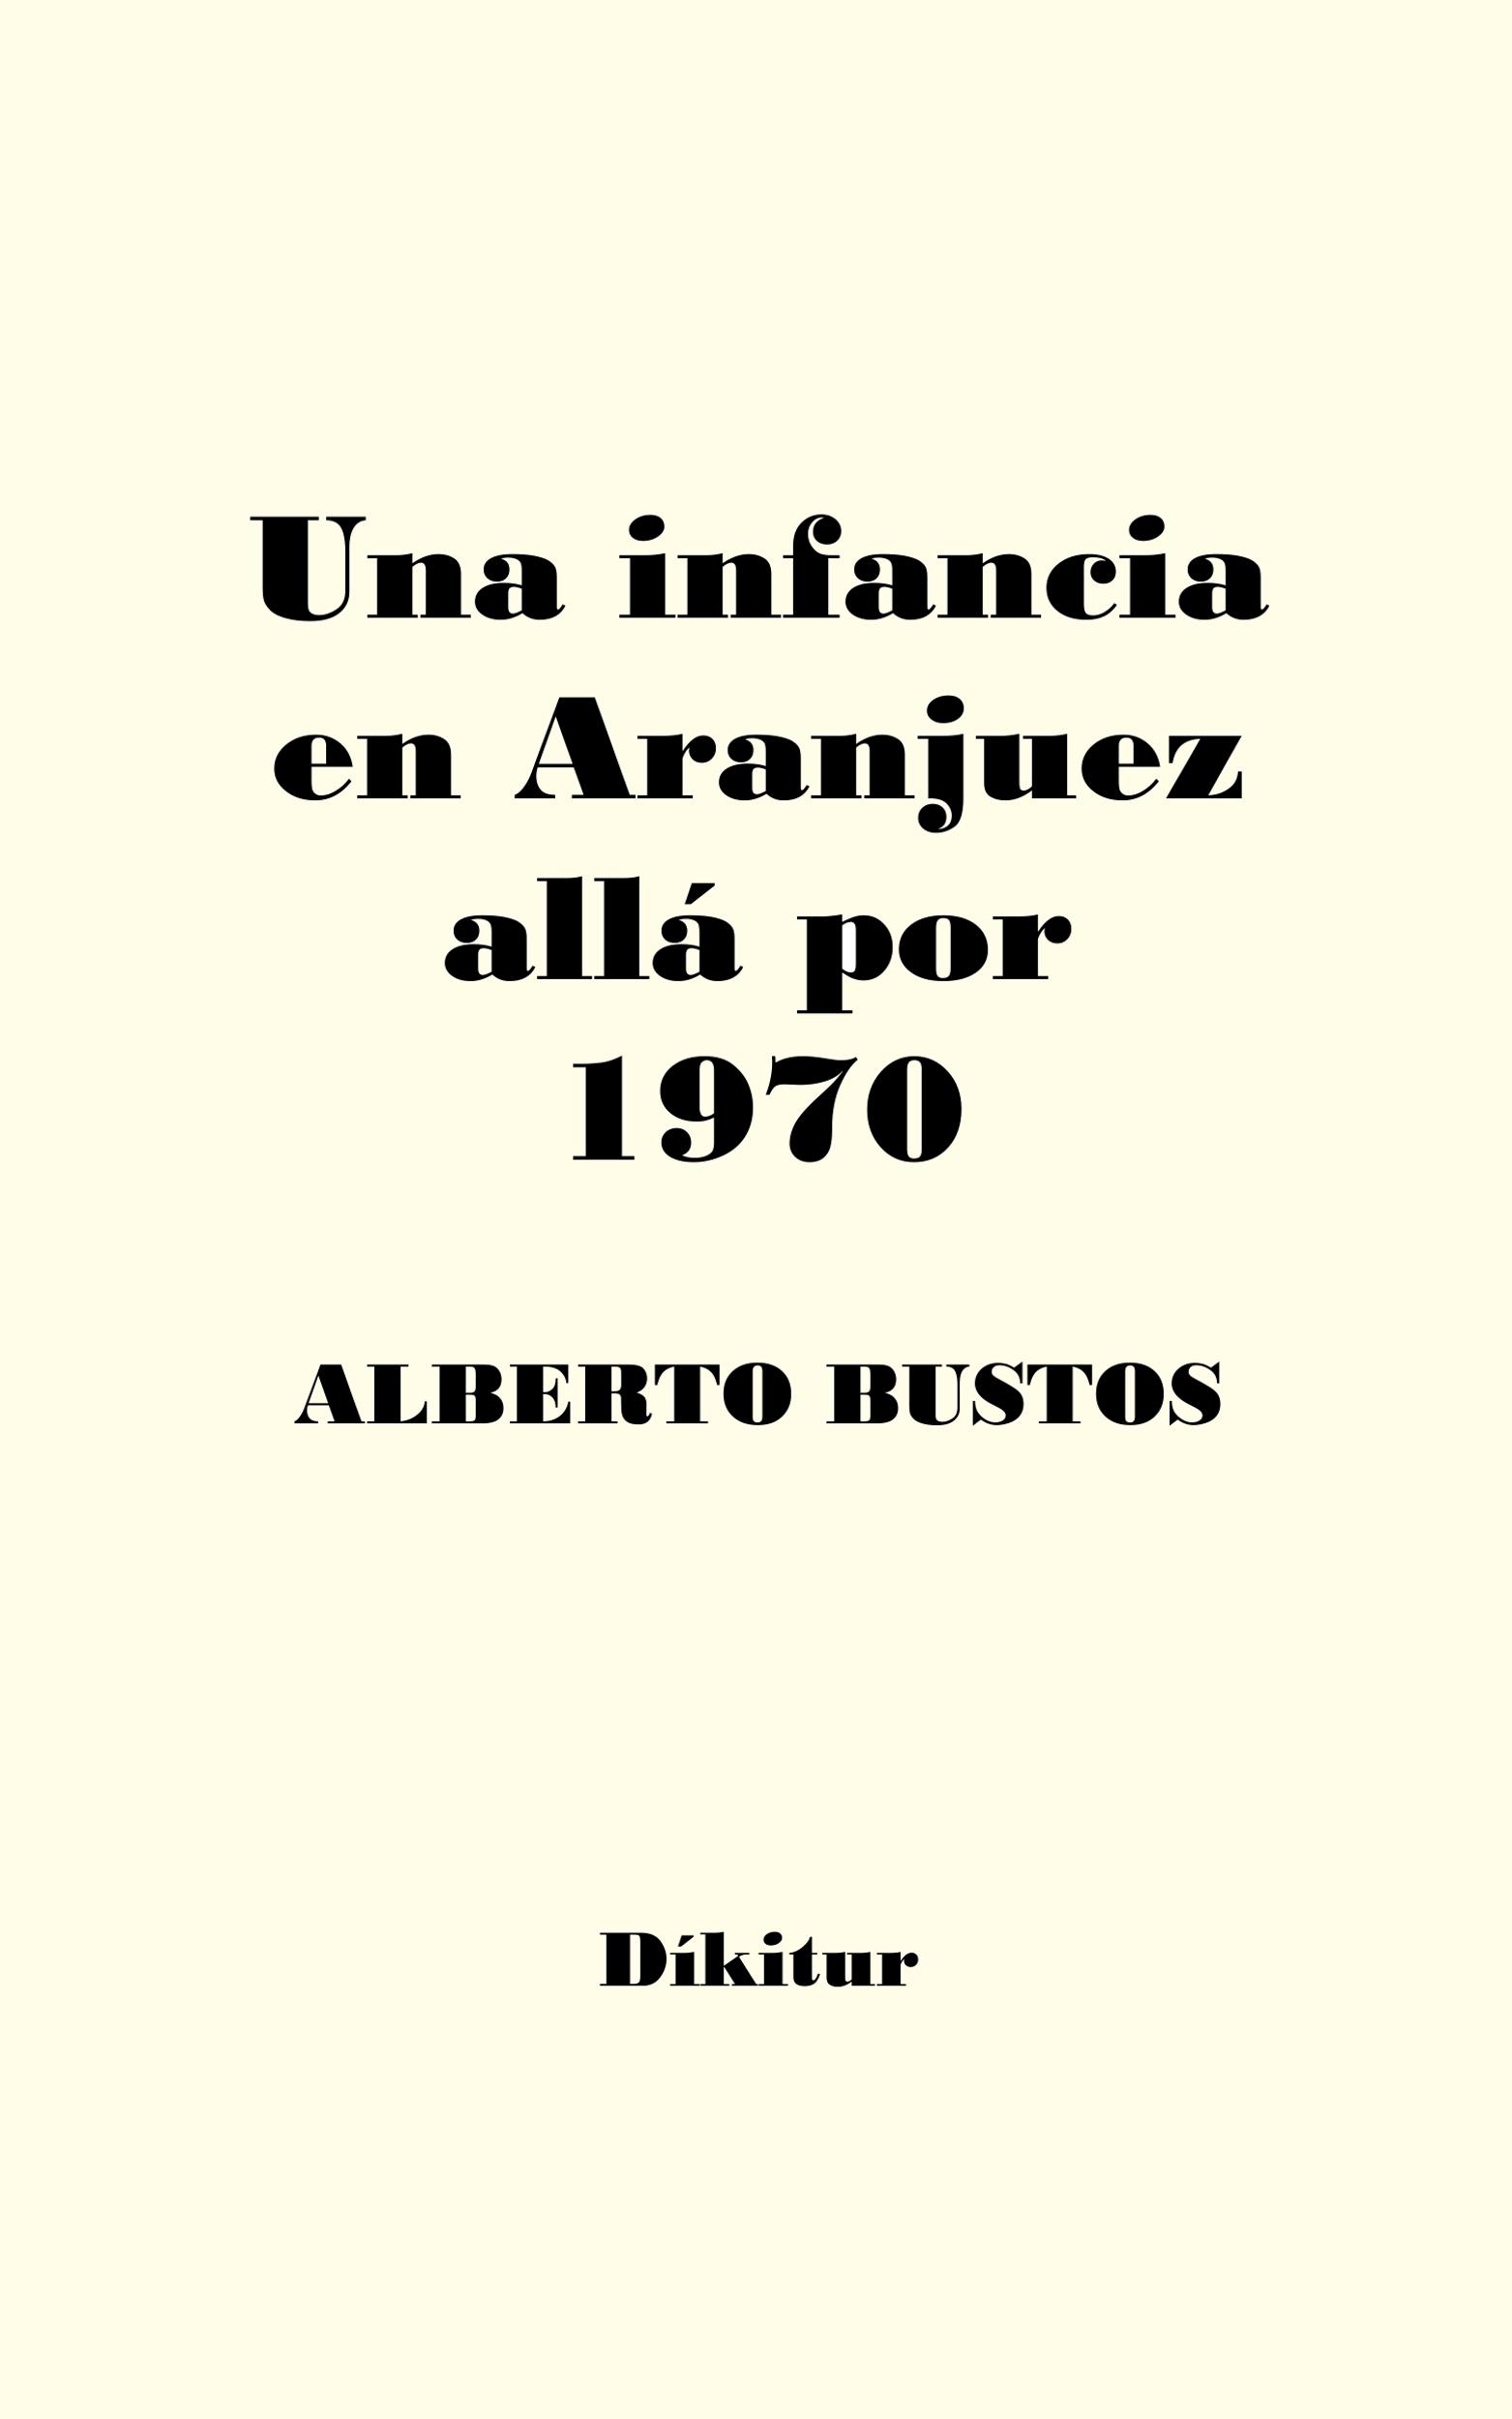 Una infancia en Aranjuez allá por 1970